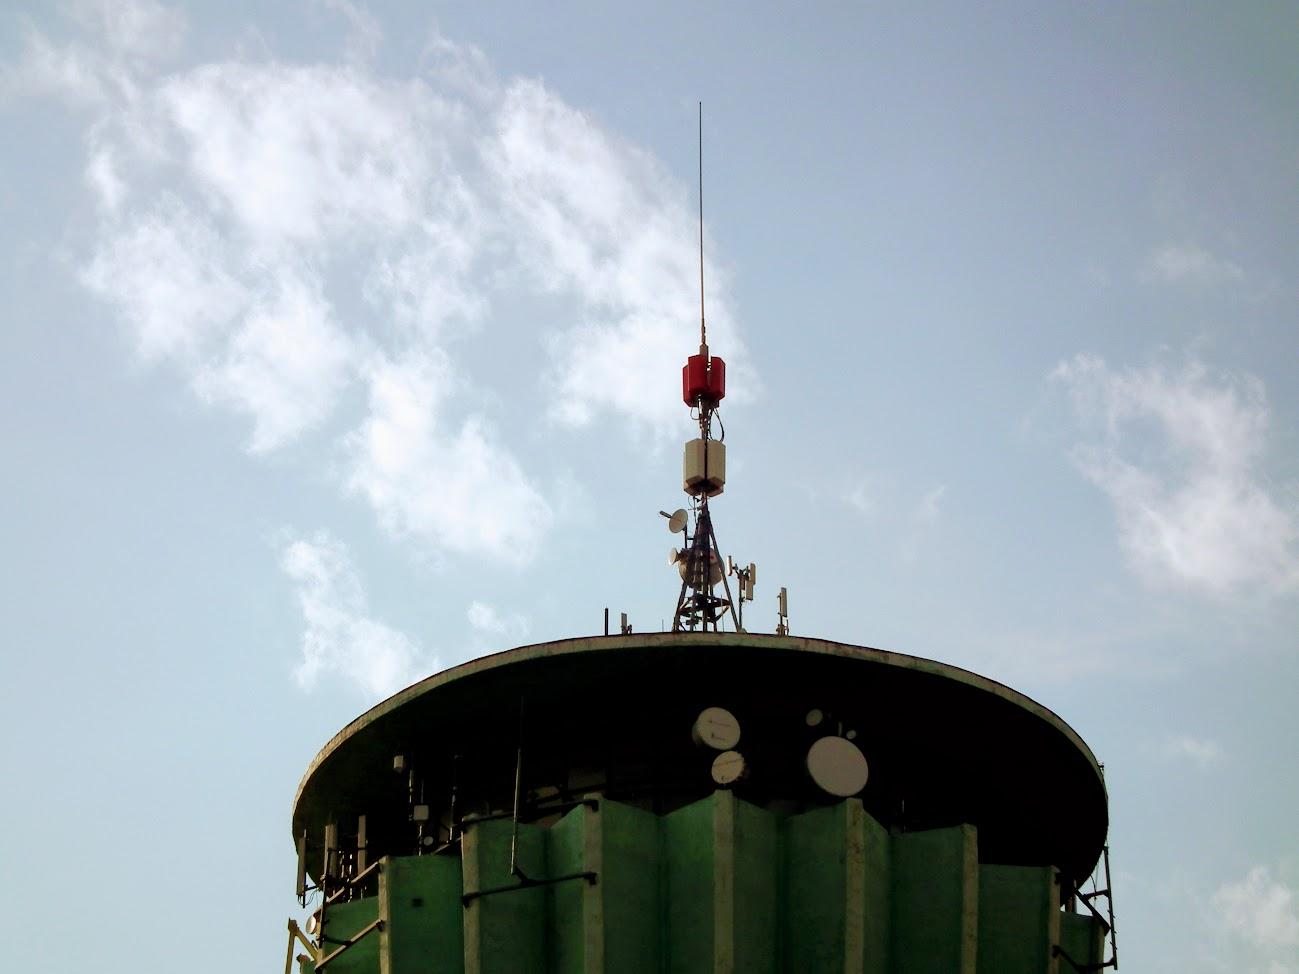 Nyíregyháza/víztorony - DVB-T gapfiller+helyi DVB-T adóállomás